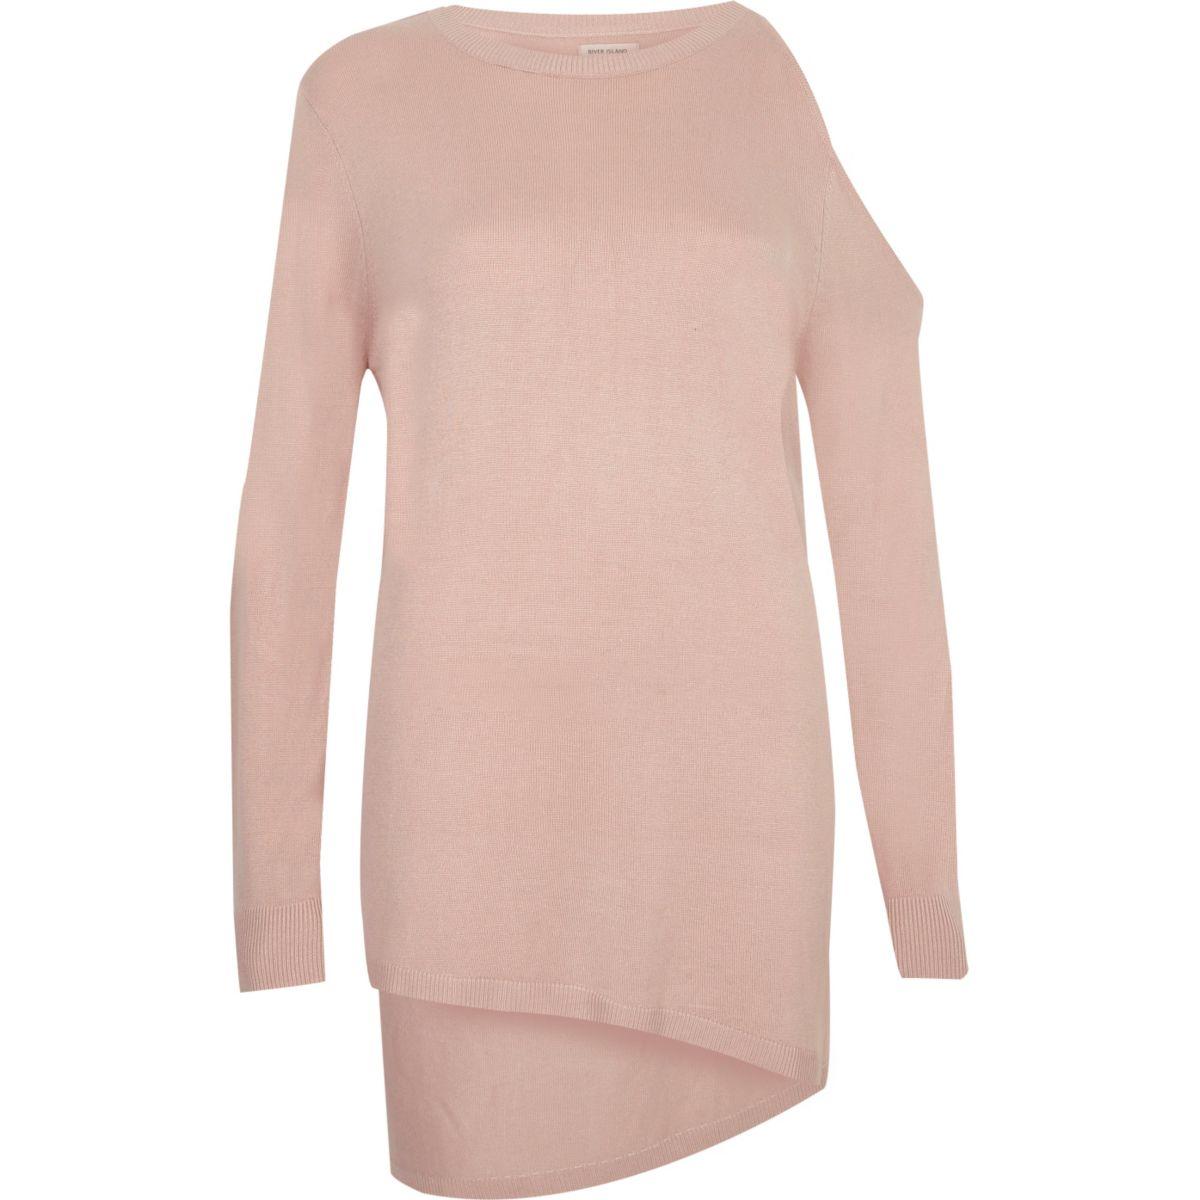 Blush pink asymmetric one shoulder top